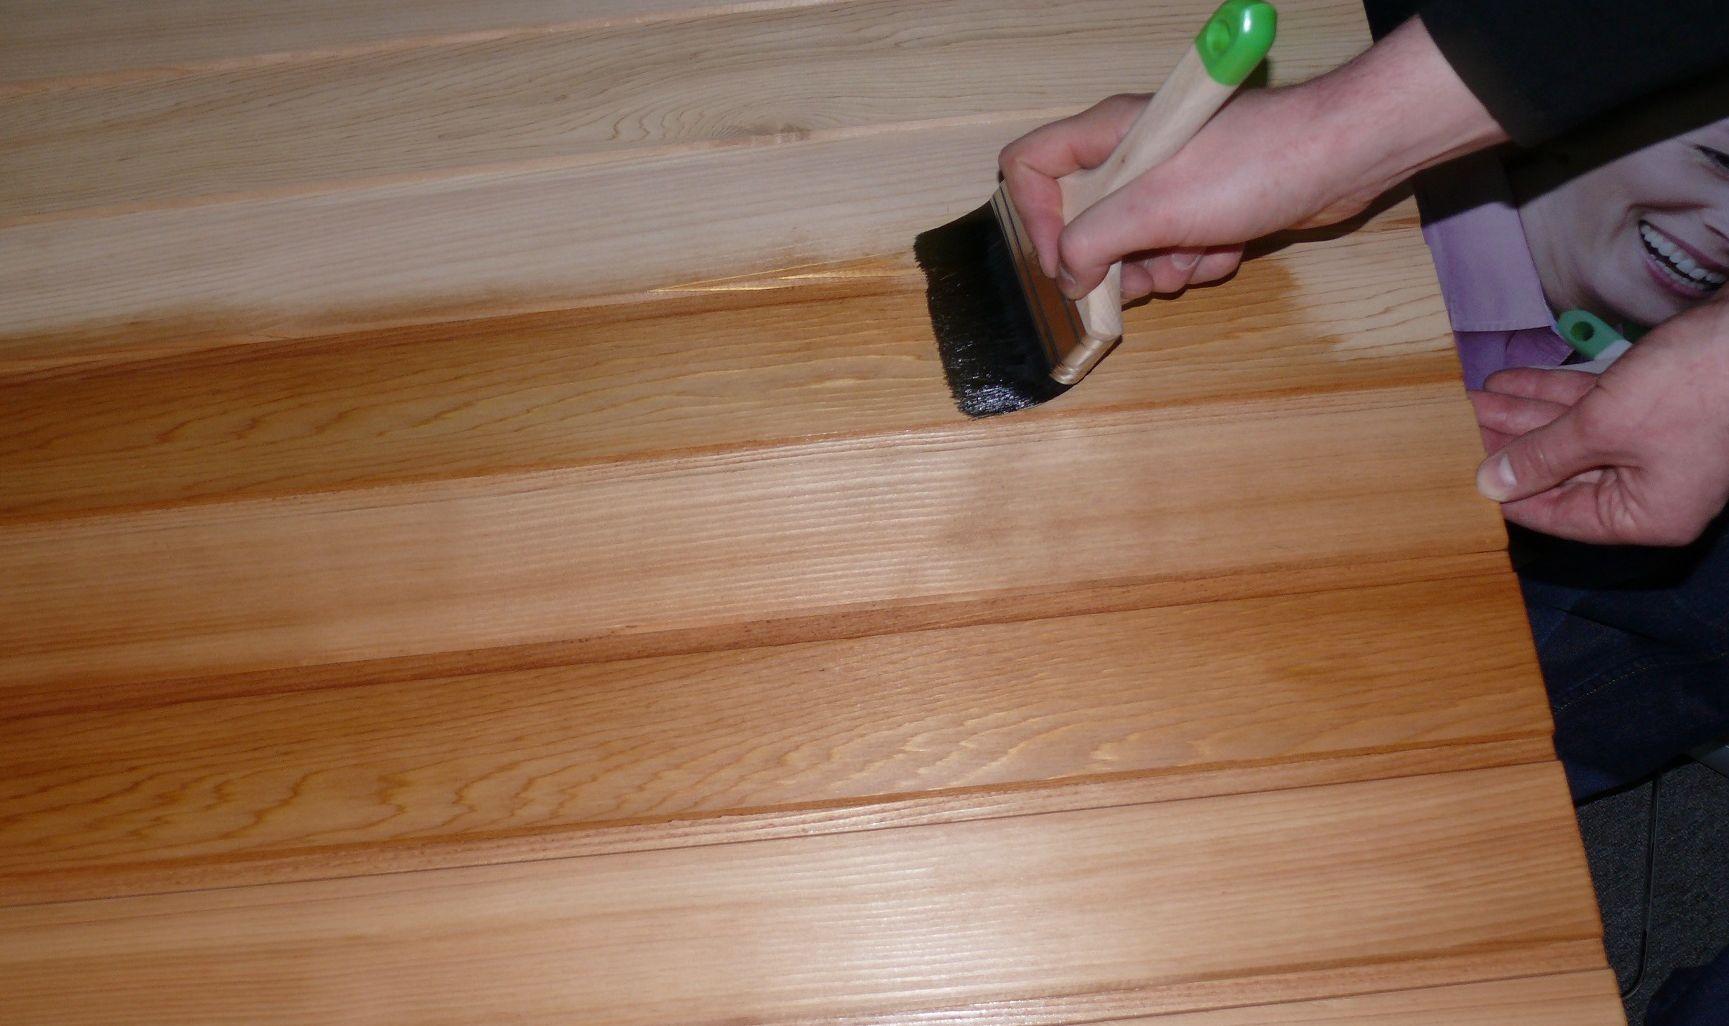 обработка дерева внутри помещения